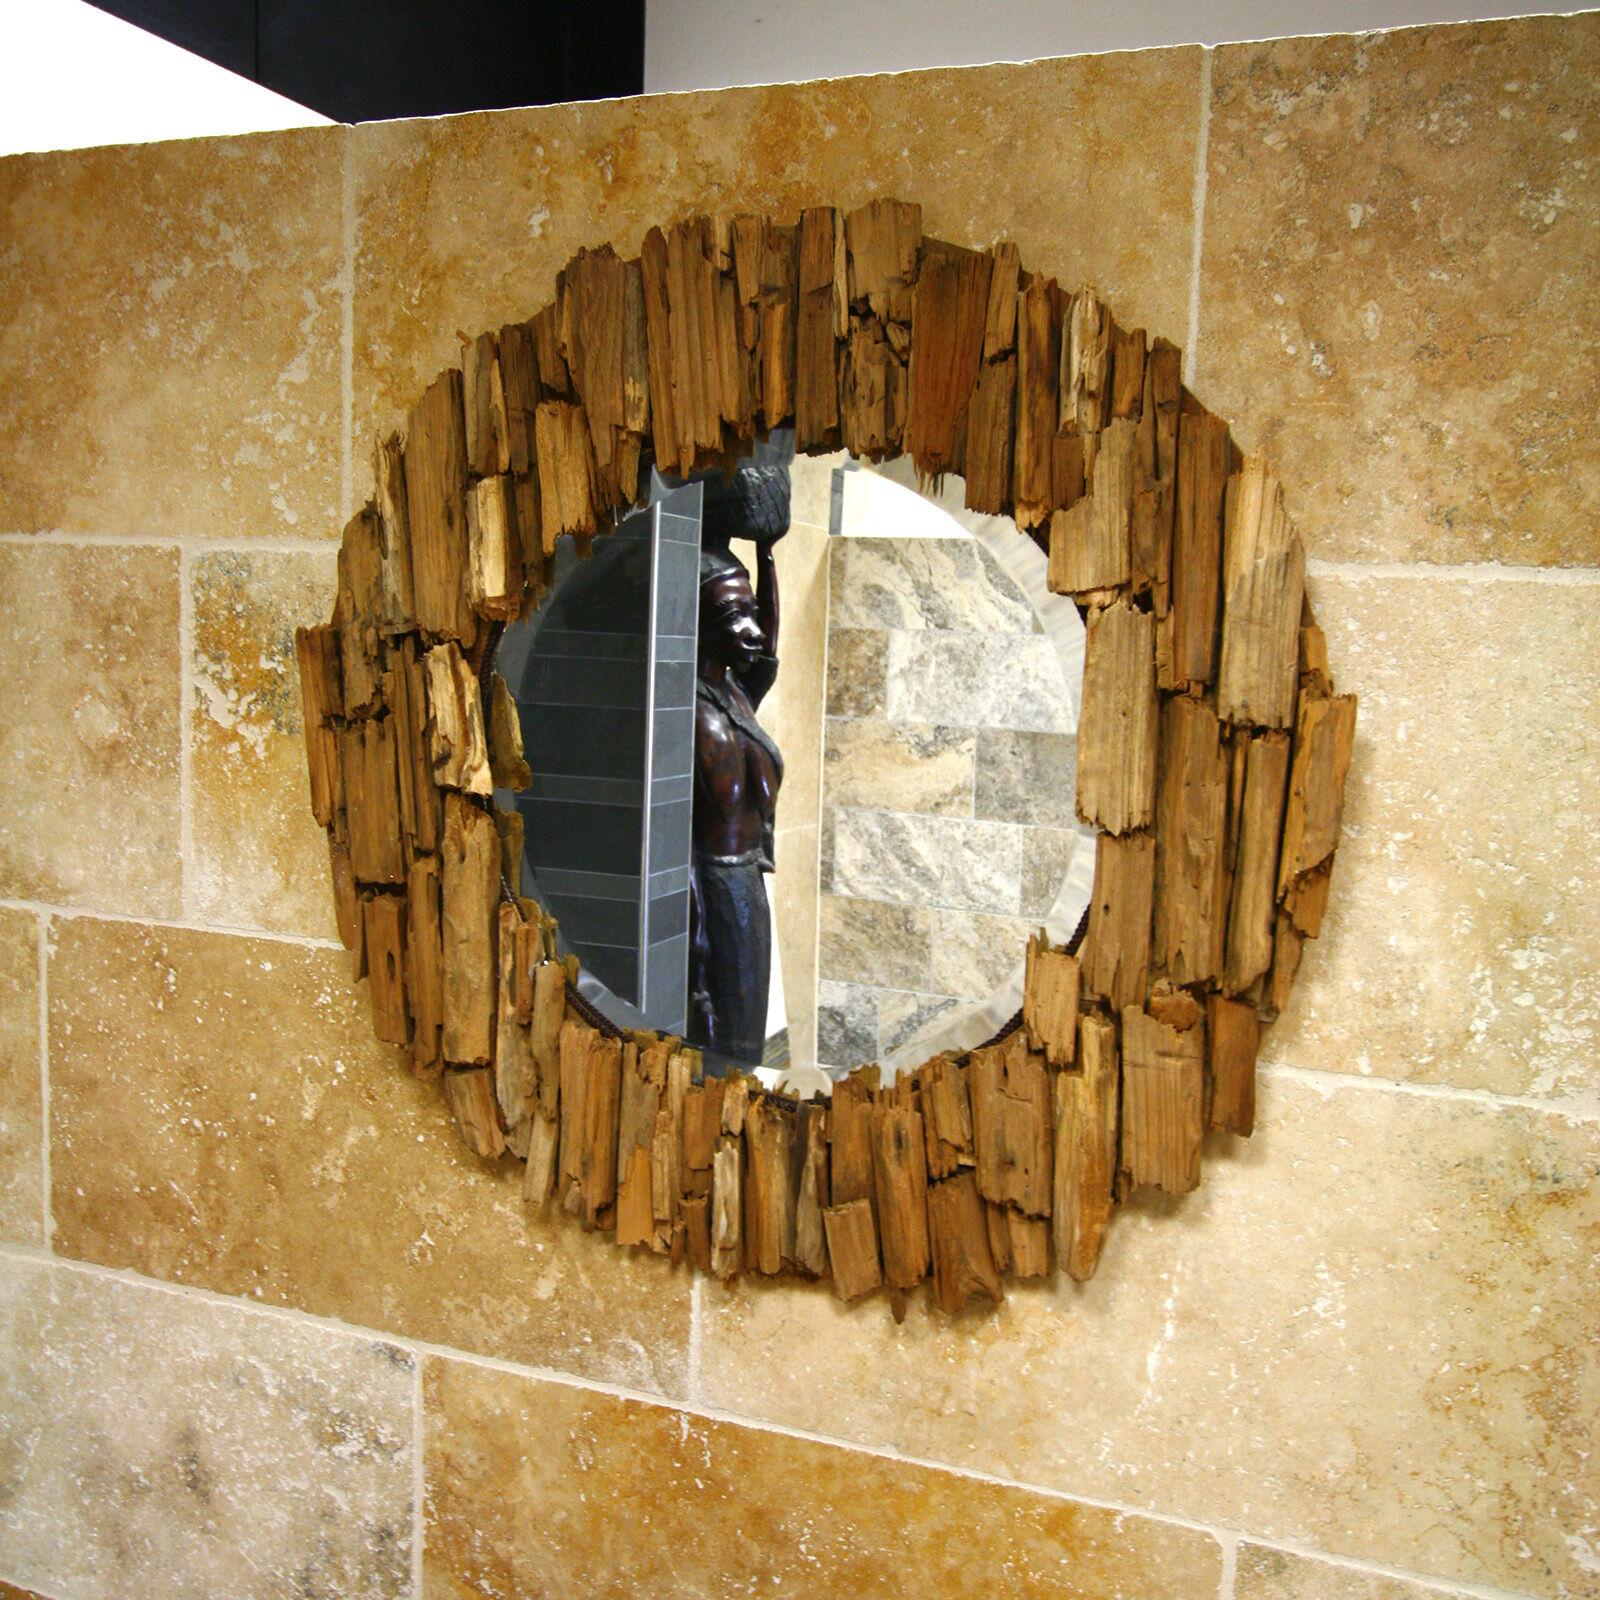 Flurspiegel Wandspiegel rund mit Rahmen aus Teak Altholz handgefertigtes Unikat